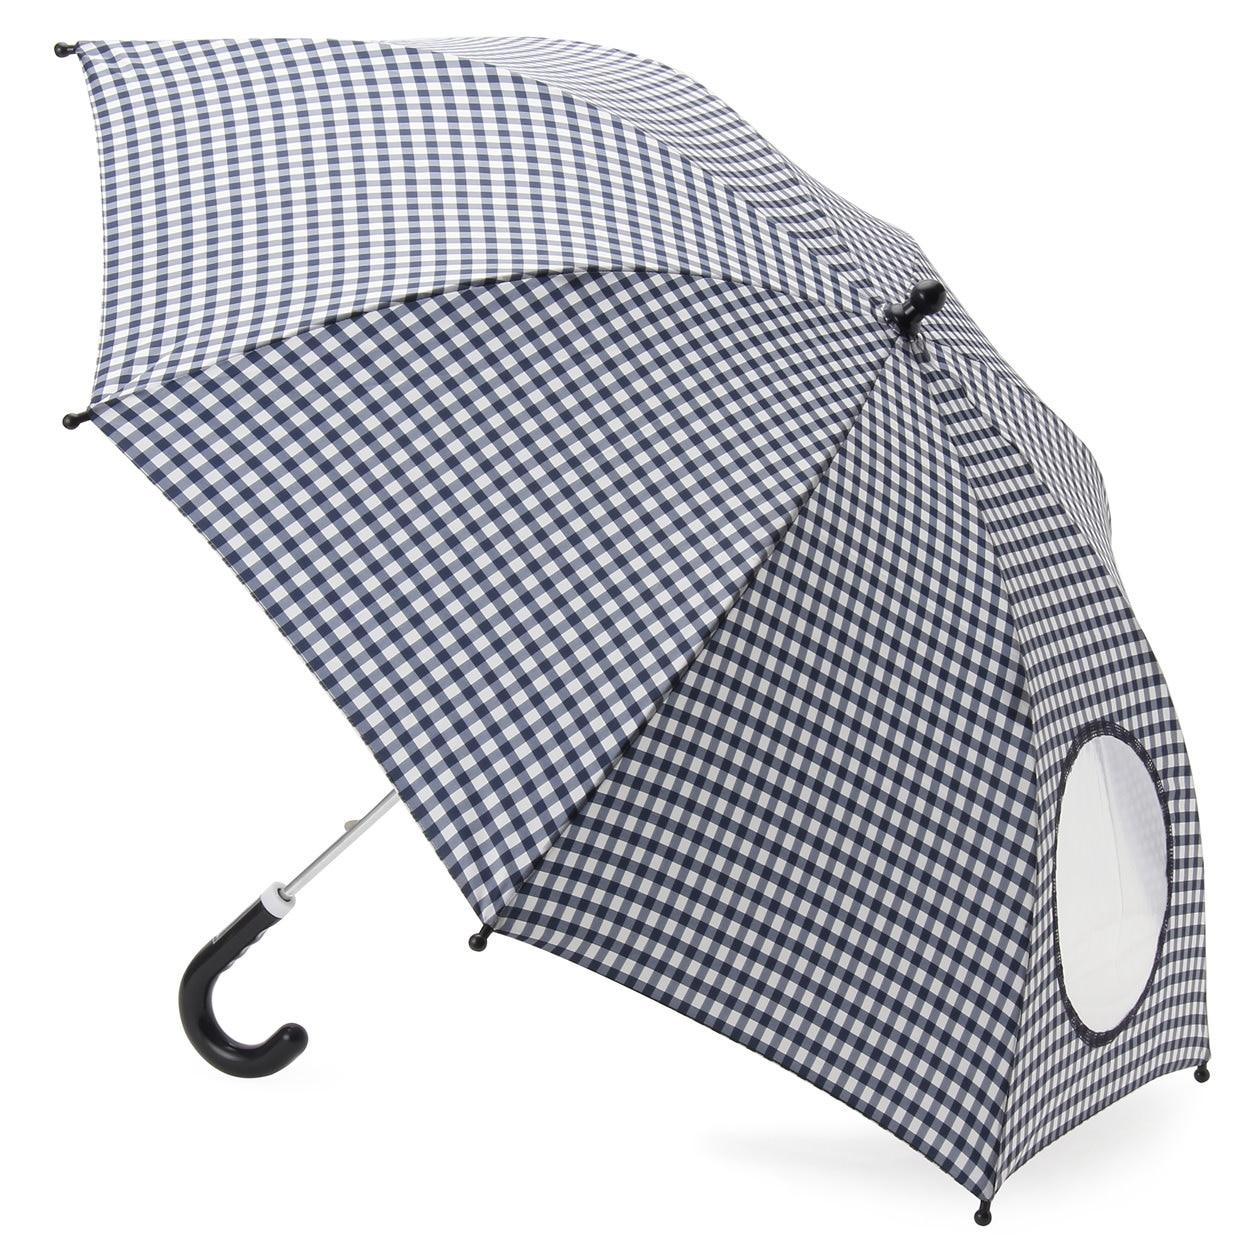 ポリエステルお名前欄付きまるまど傘